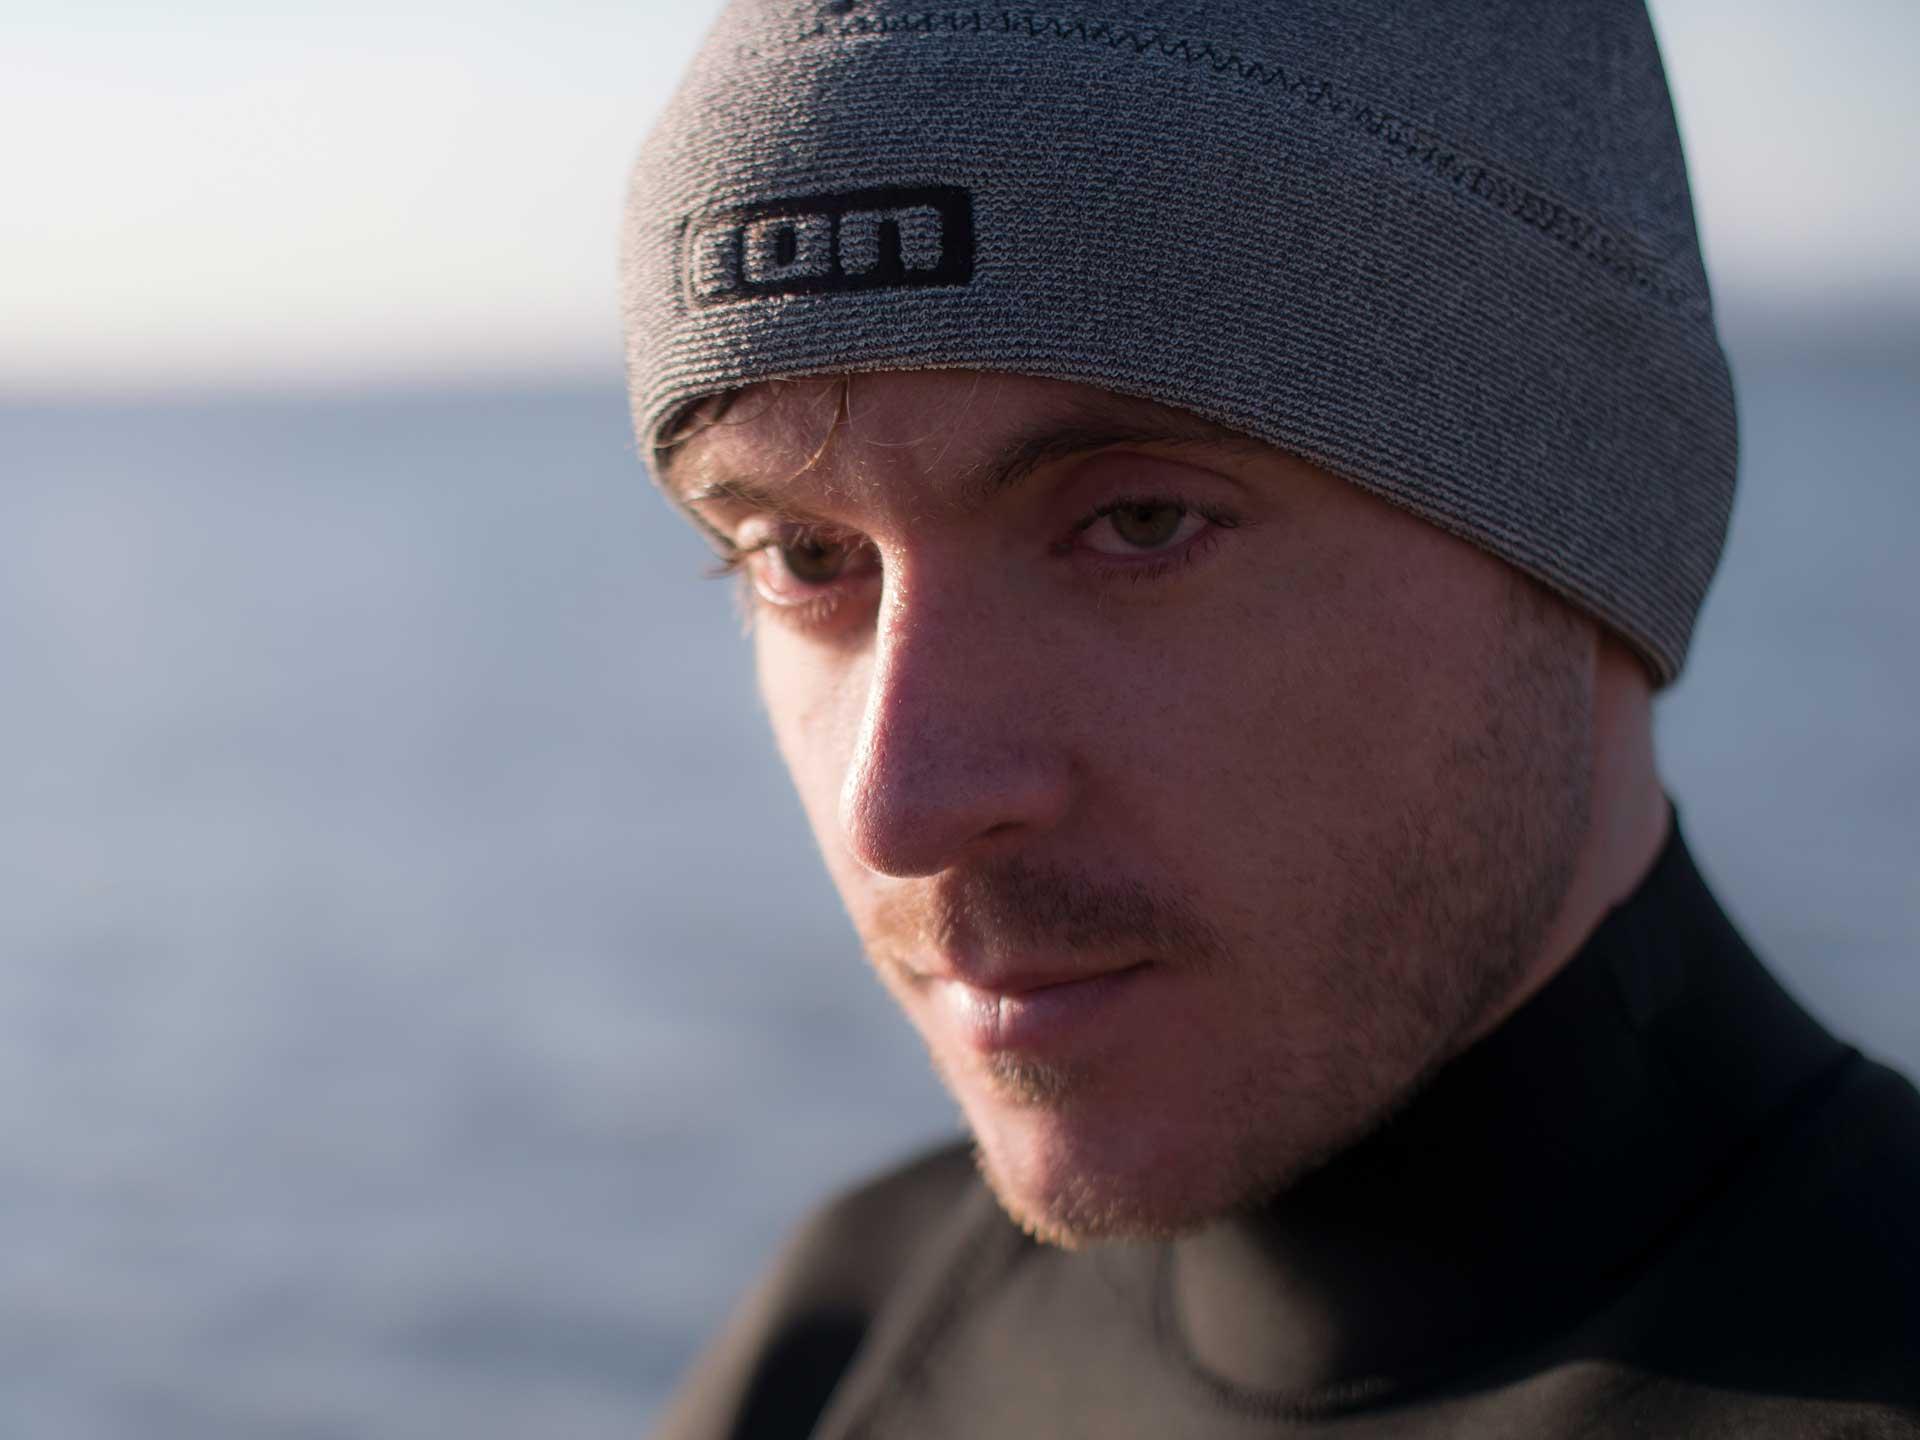 cappello-neoprene-kitesurf-ION-04